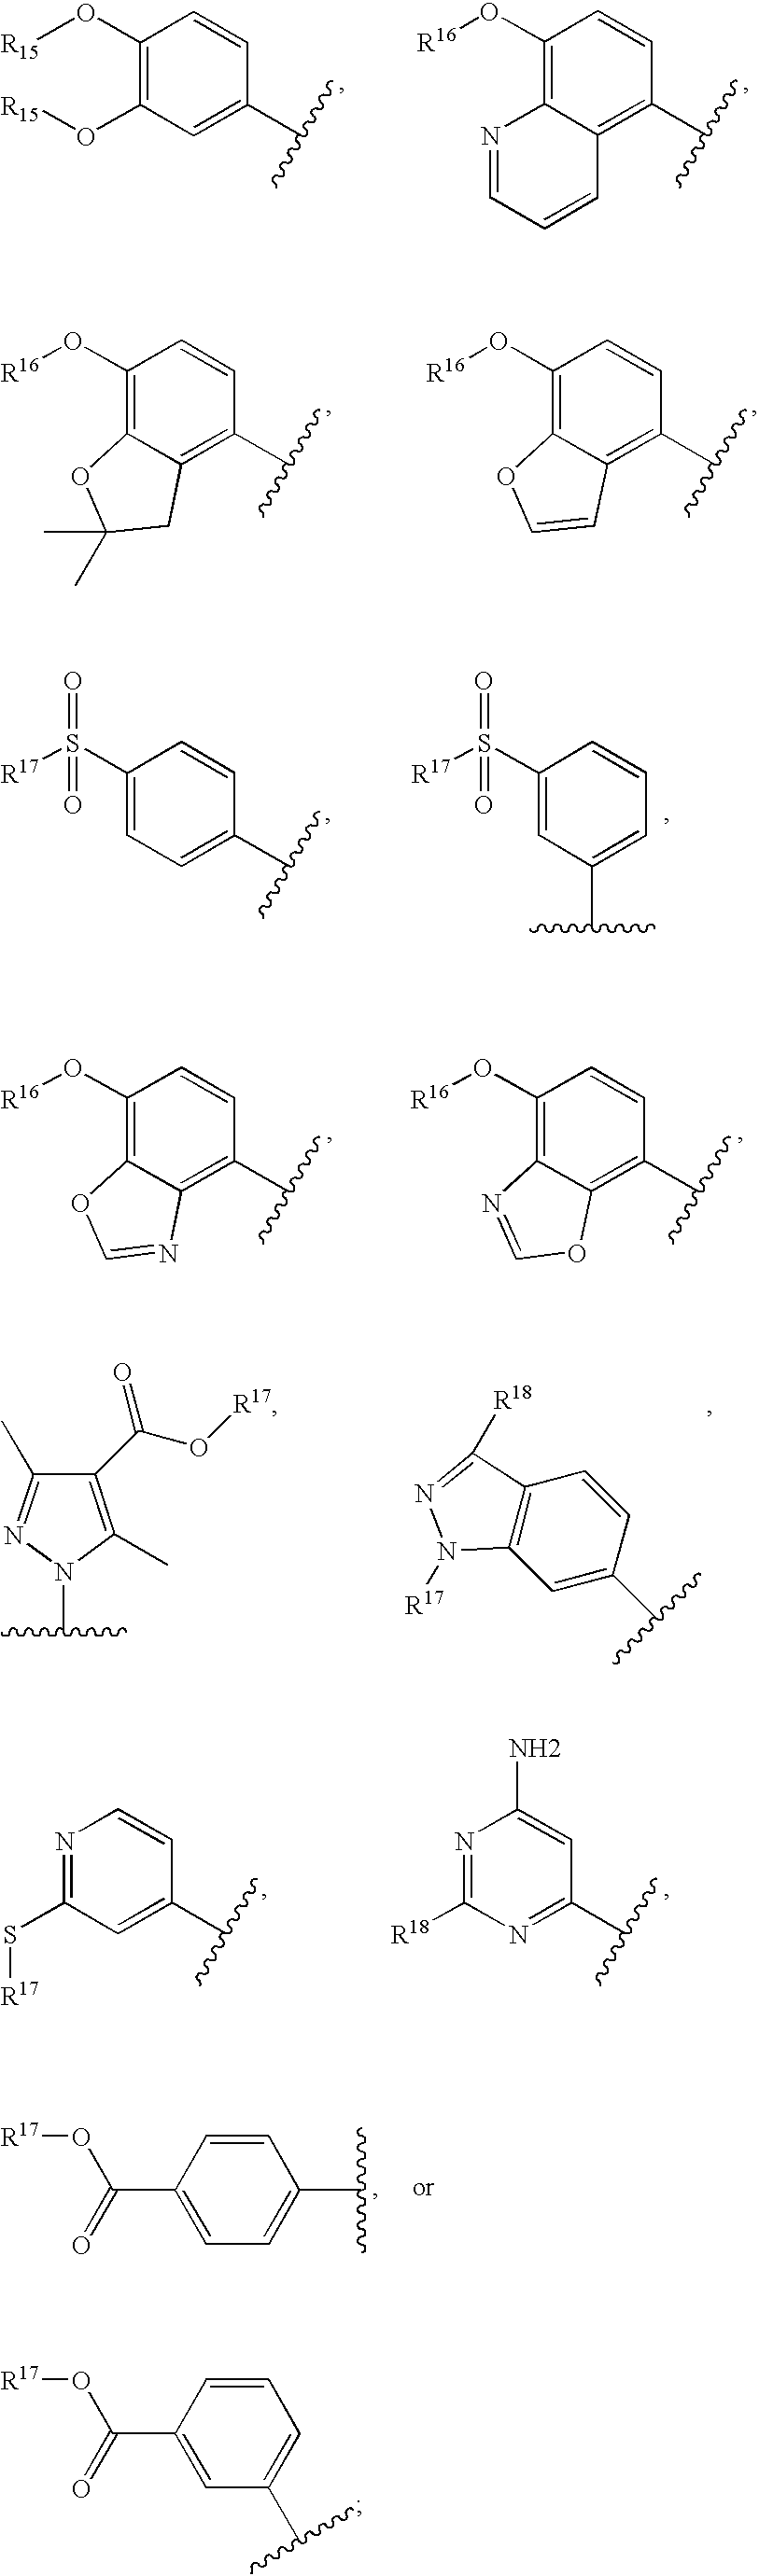 Figure US20060100218A1-20060511-C00006